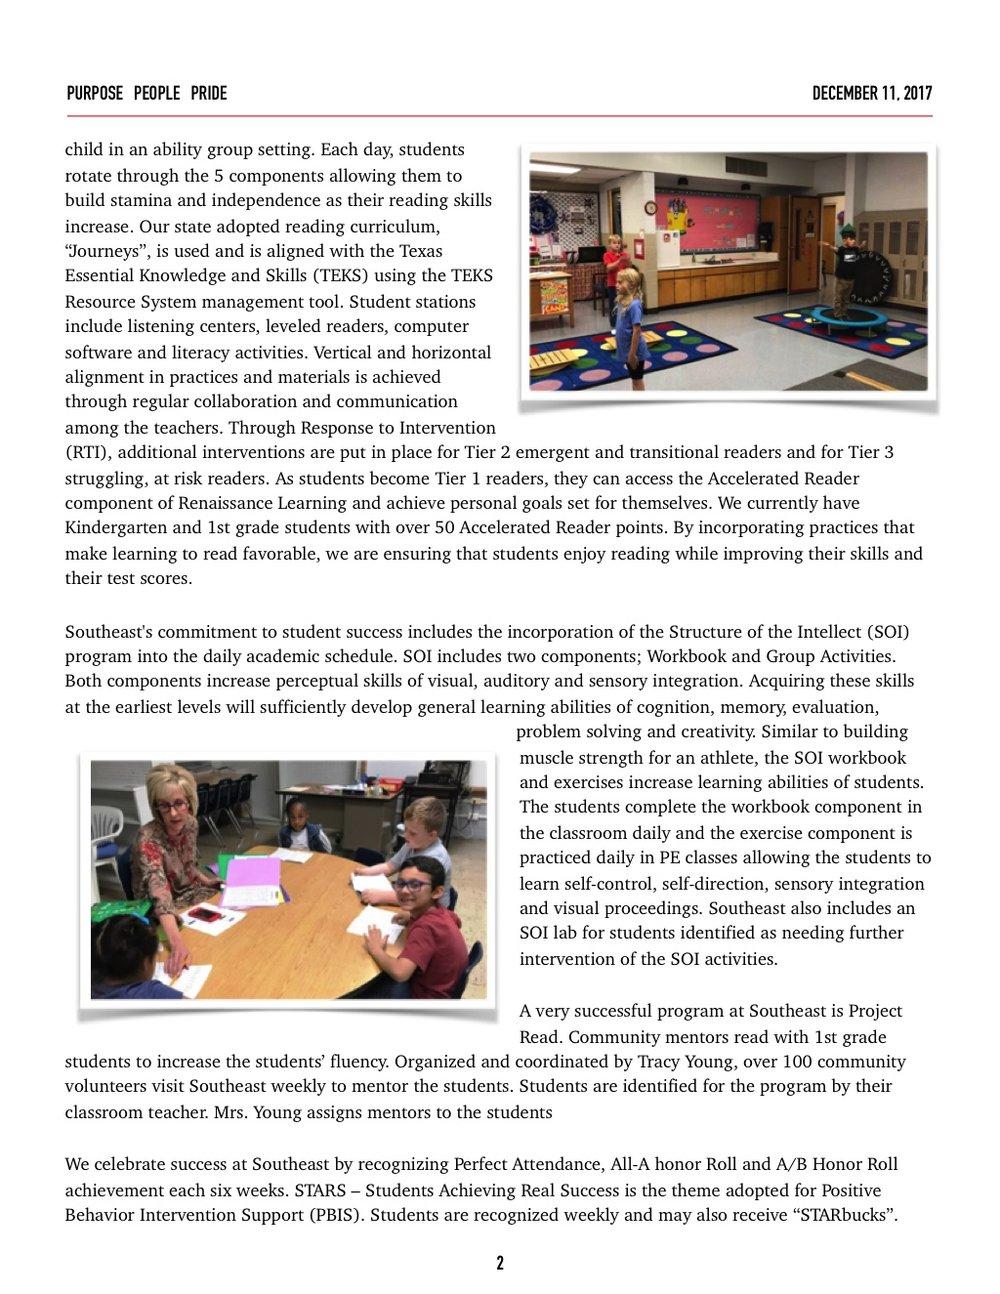 SISD Newsletter December 2017-2.jpg